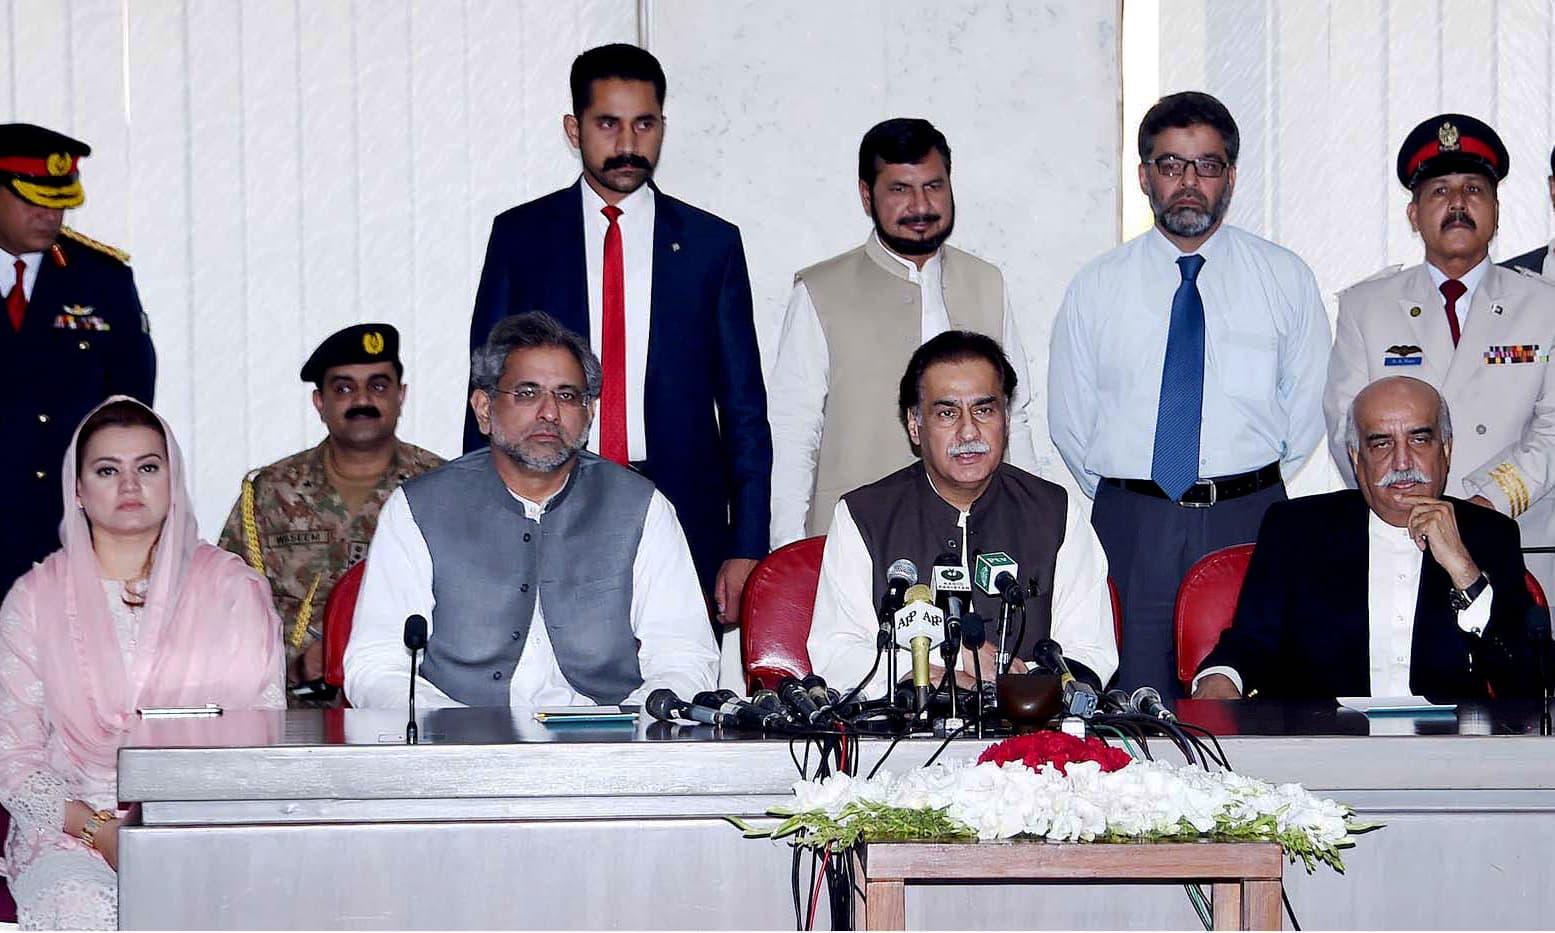 Former CJP Nasirul Mulk named as caretaker PM - Pakistan